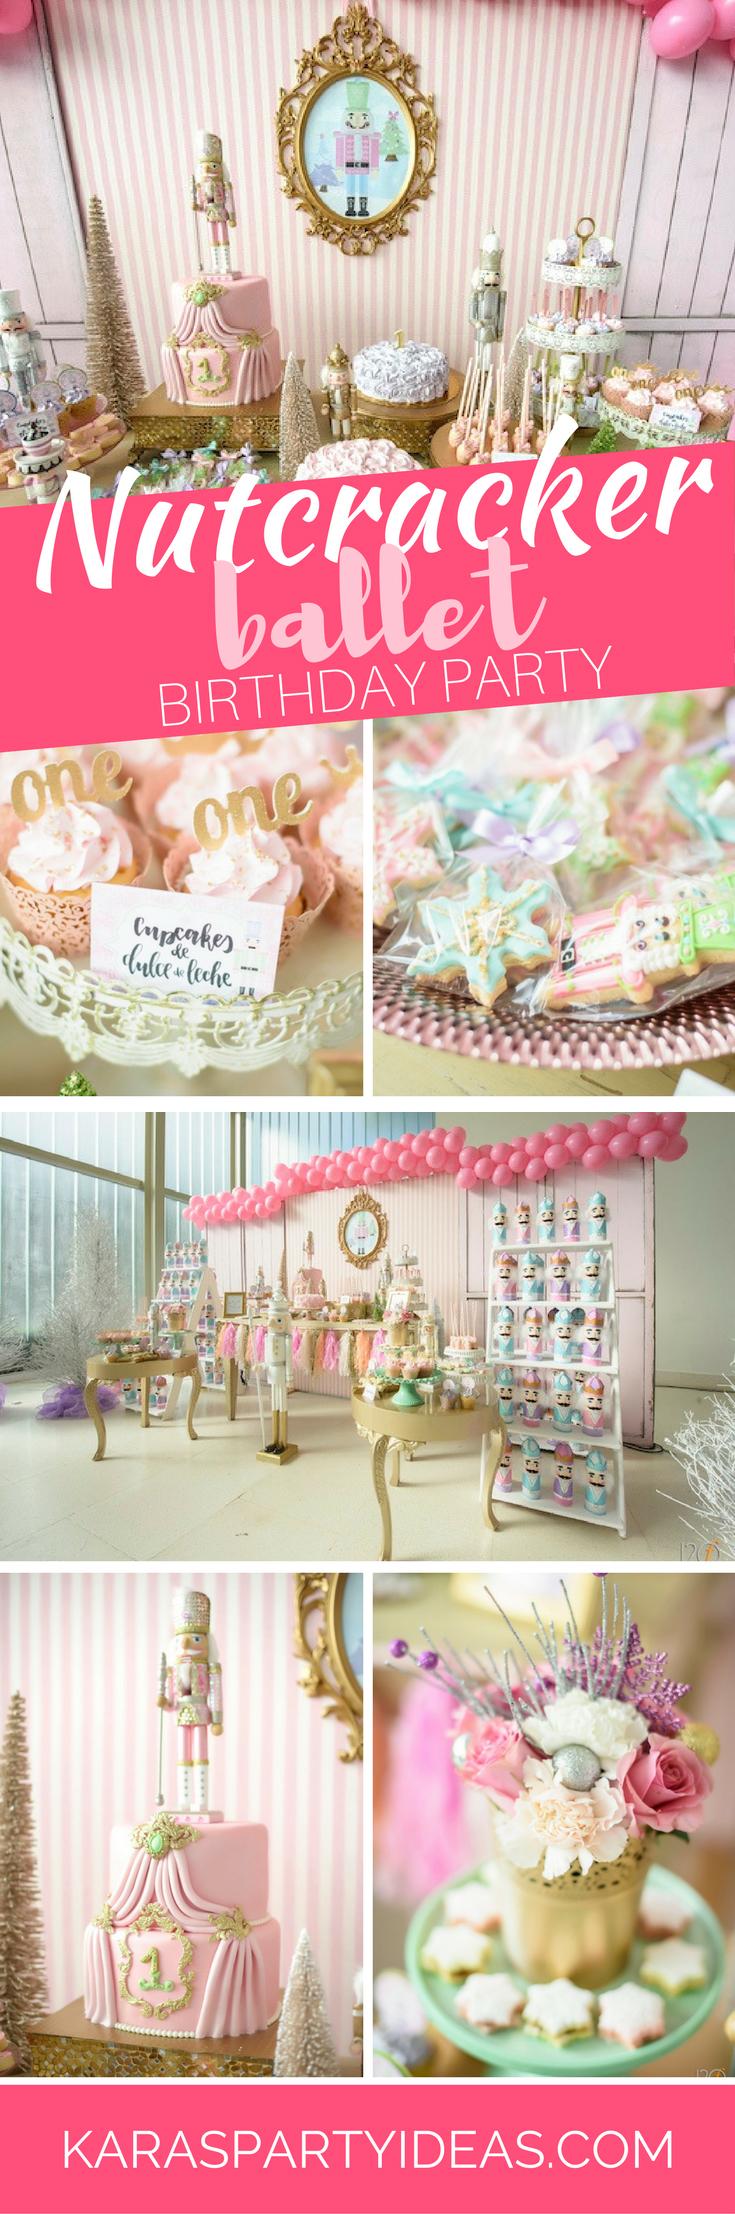 Tea time tea birthday party via kara s party ideas karaspartyideas com - Nutcracker Ballet Birthday Party Via Kara S Party Ideas Karaspartyideas Com